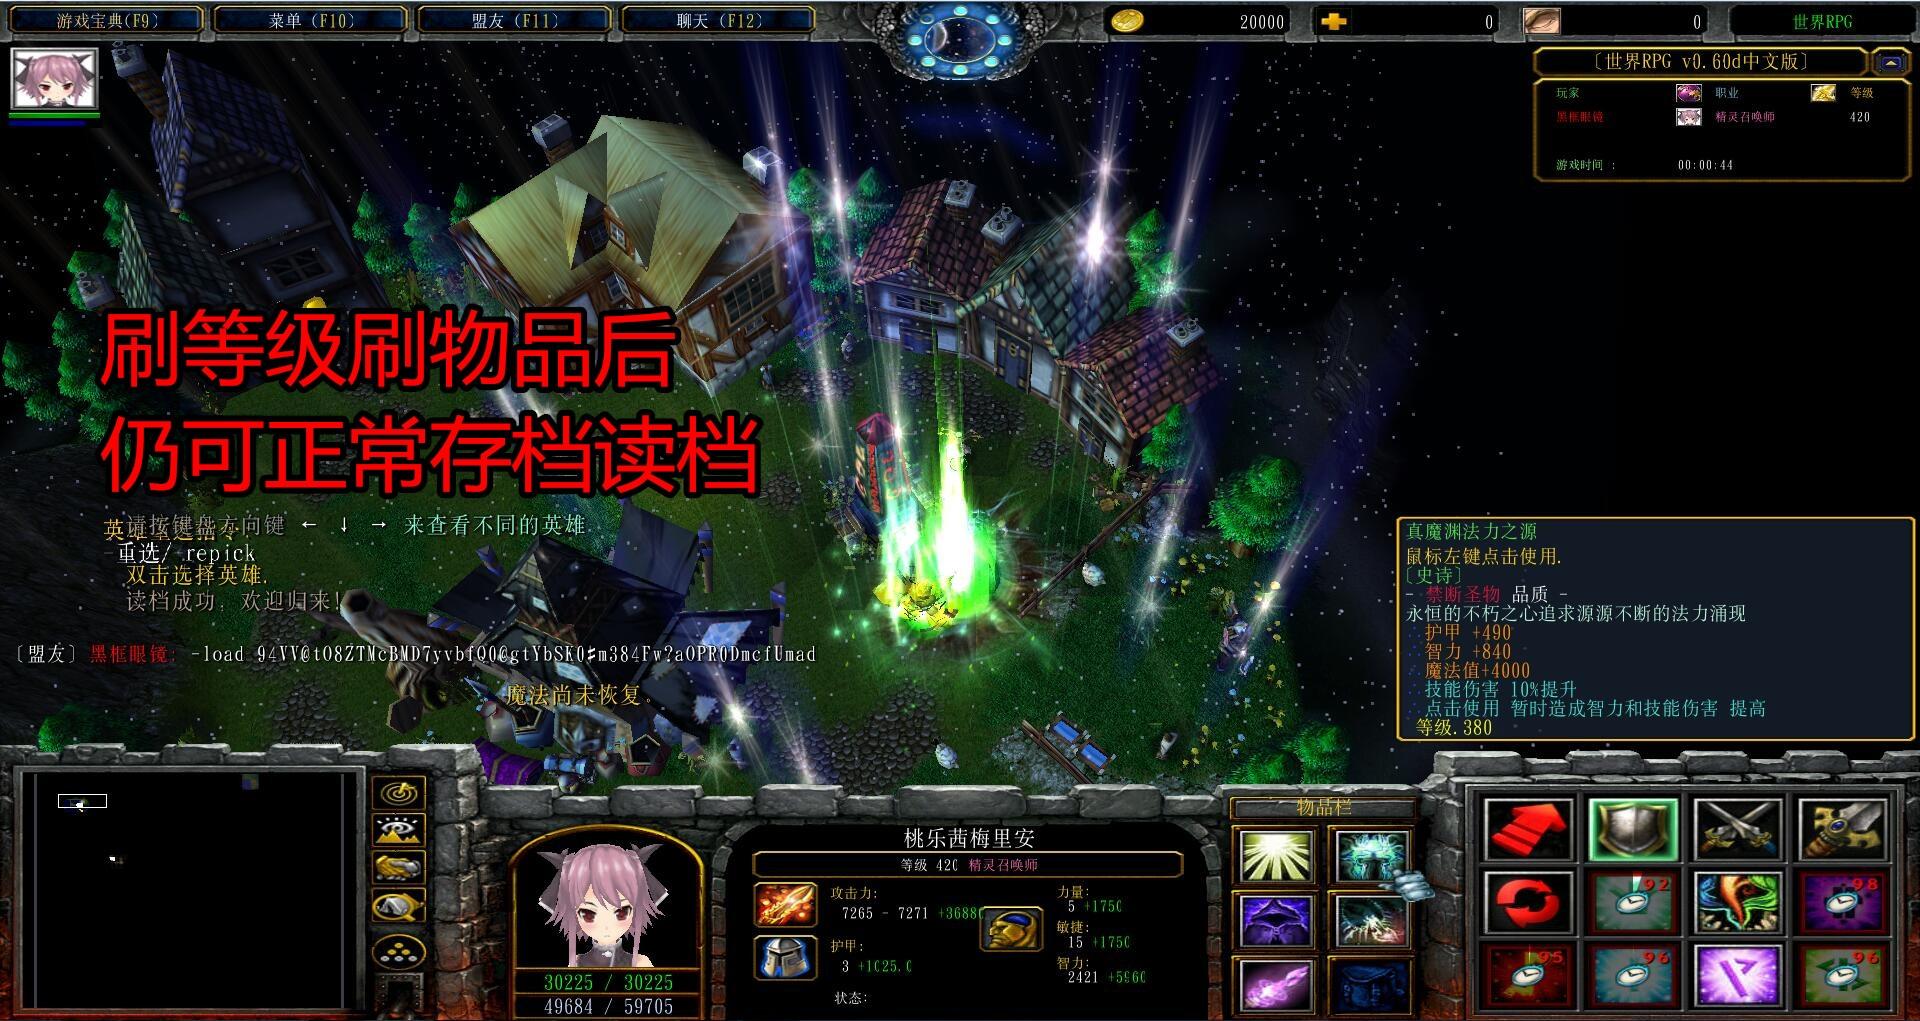 世界RPGv0.60d中文版黑式破解